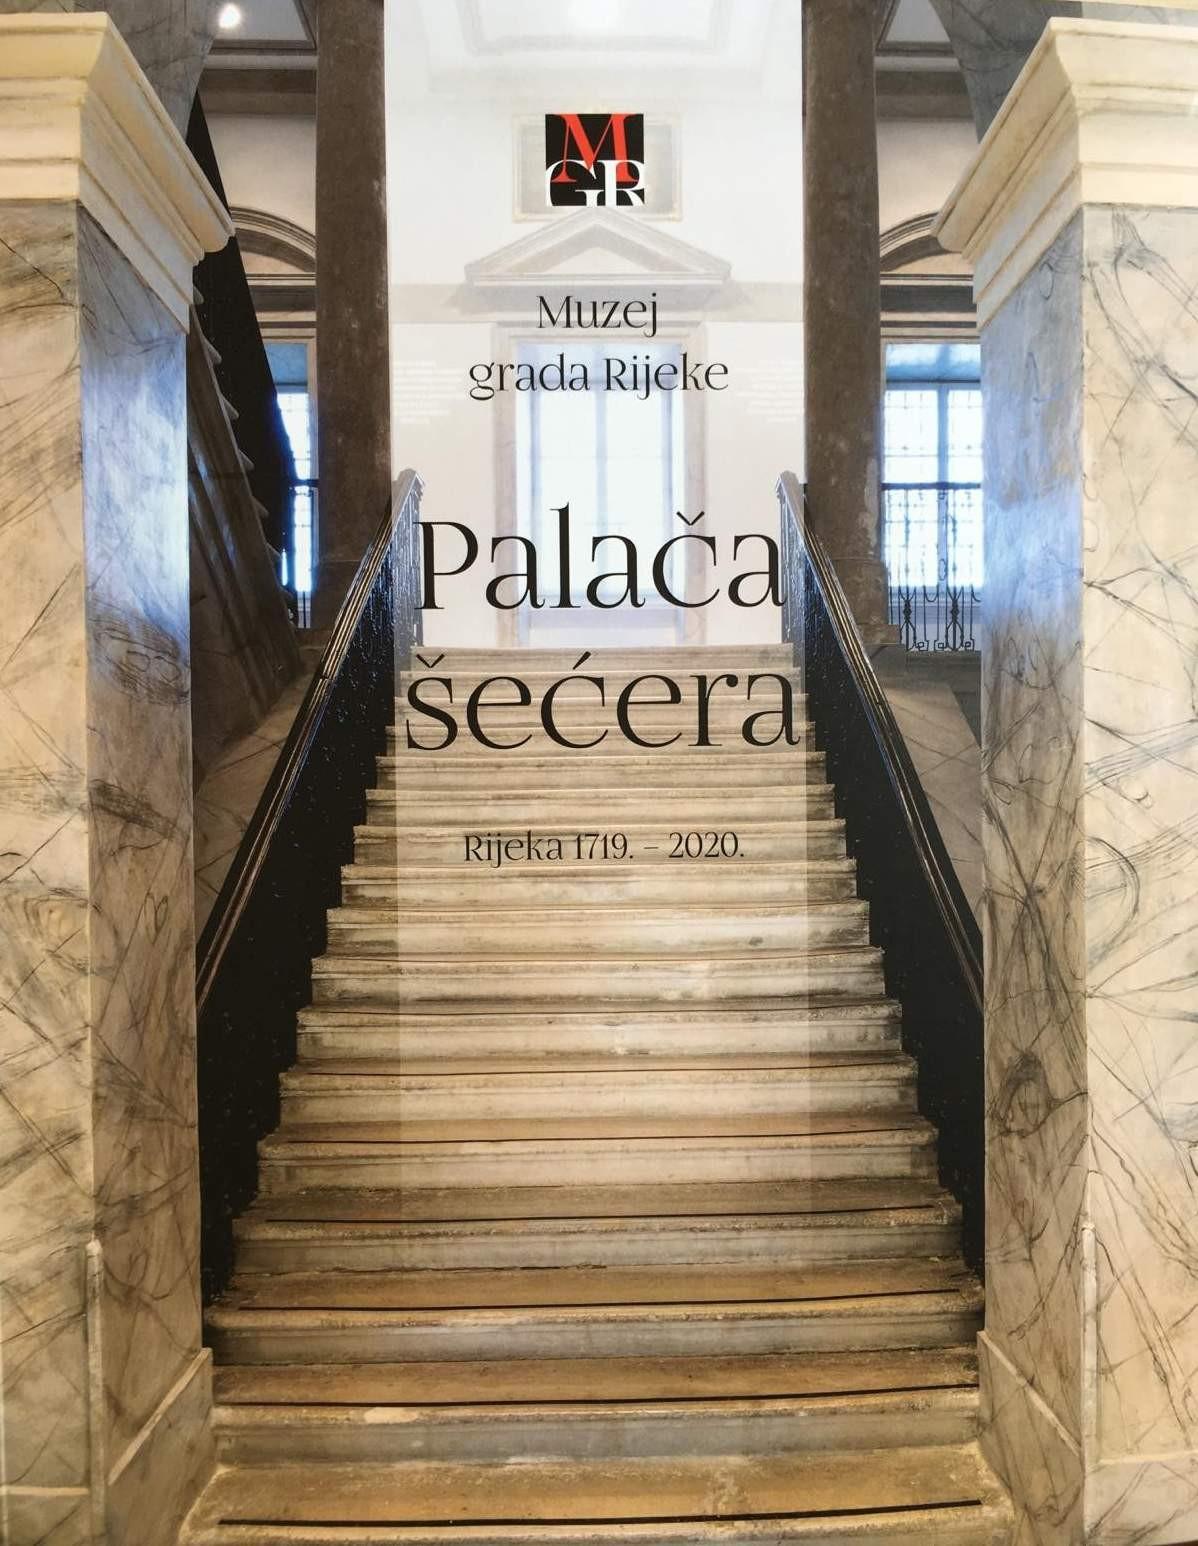 Palača šećera. Rijeka 1719. – 2020. Stalni postav